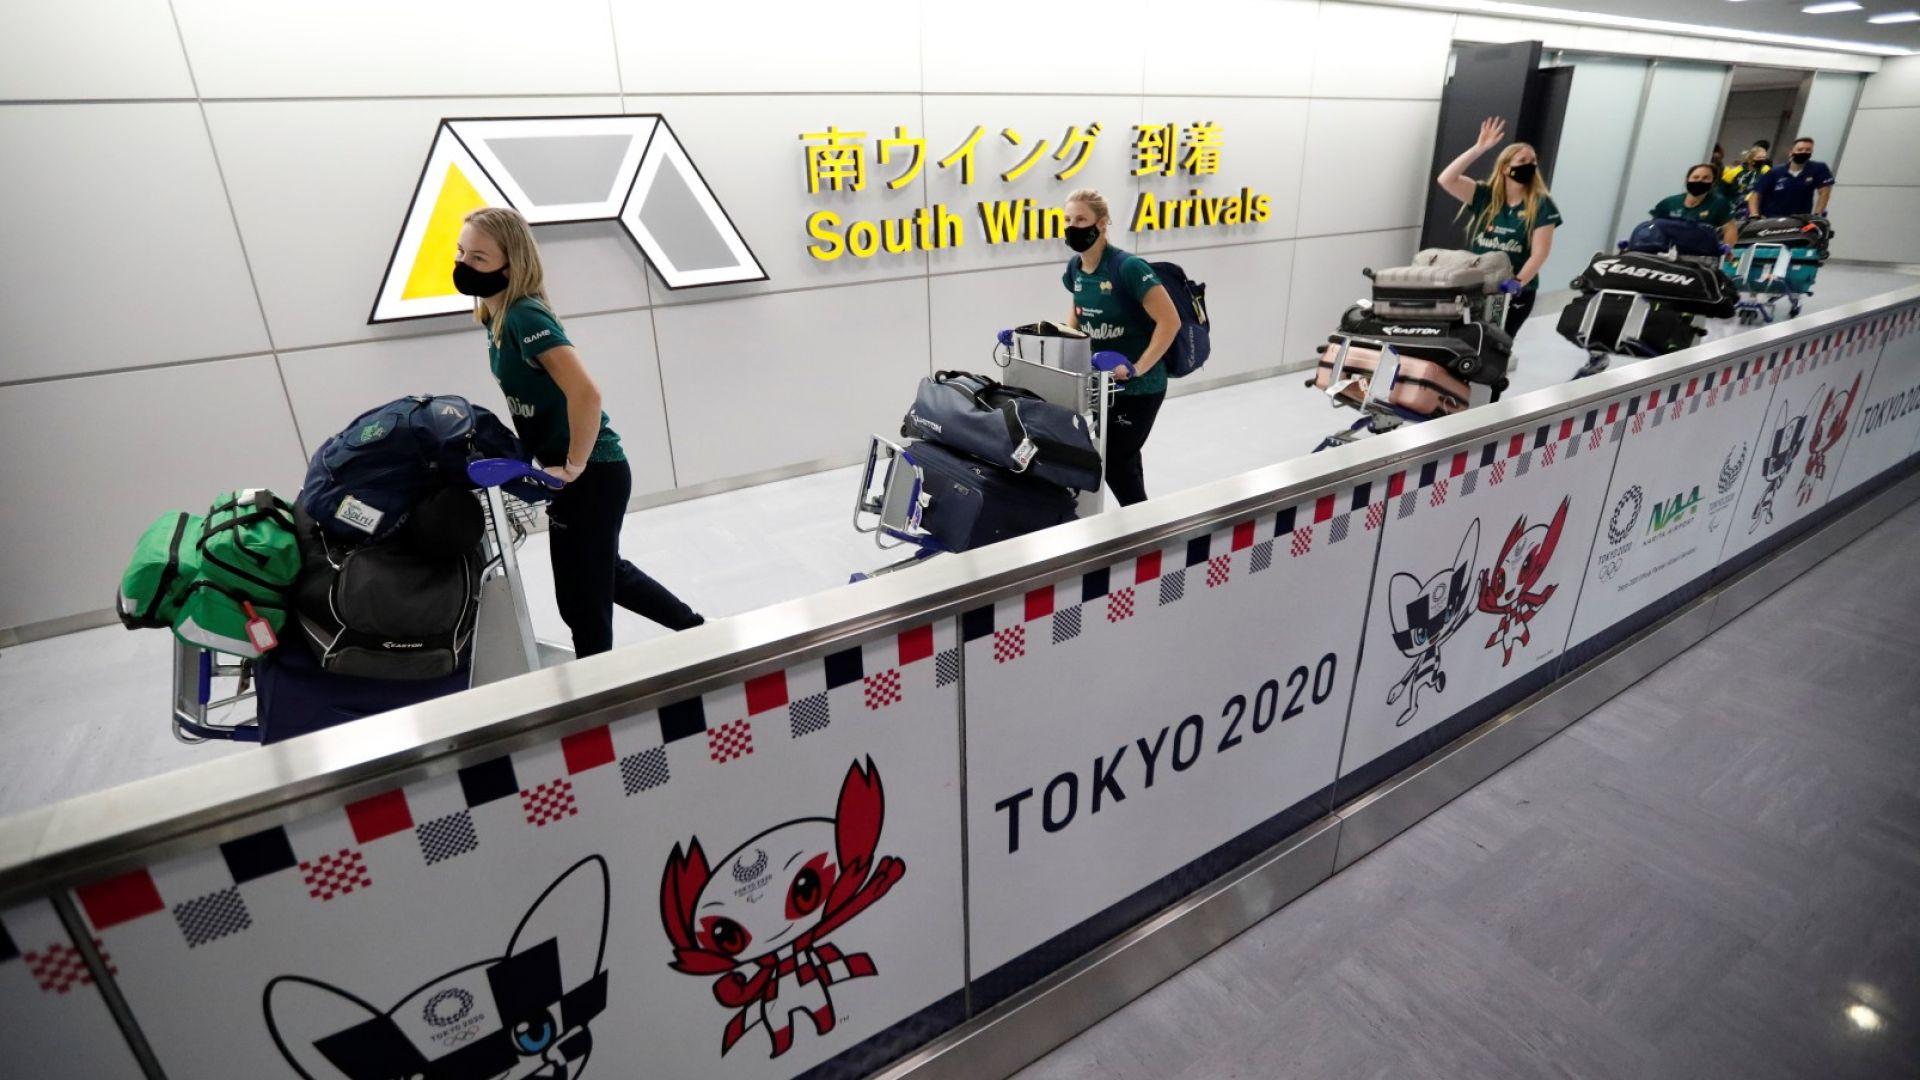 Сред неяснота и протести, първите олимпийци кацнаха в Токио 53 дни преди игрите